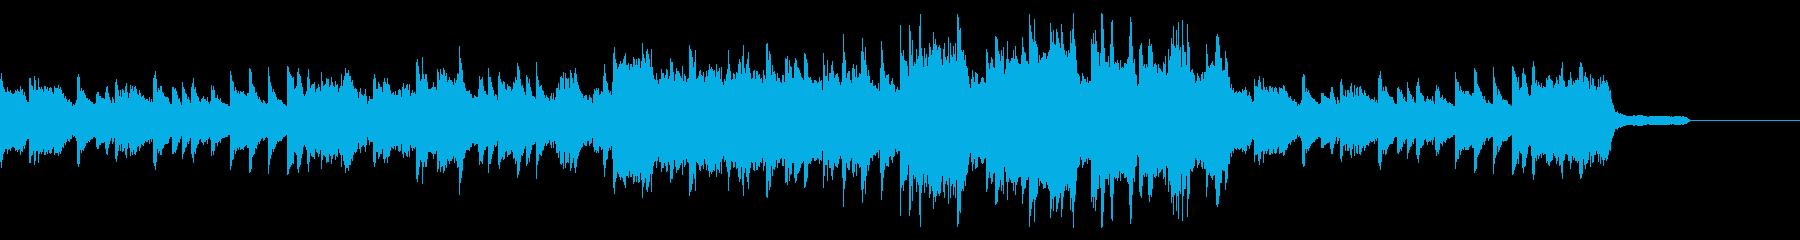 温かくて切ない感じのピアノ曲の再生済みの波形